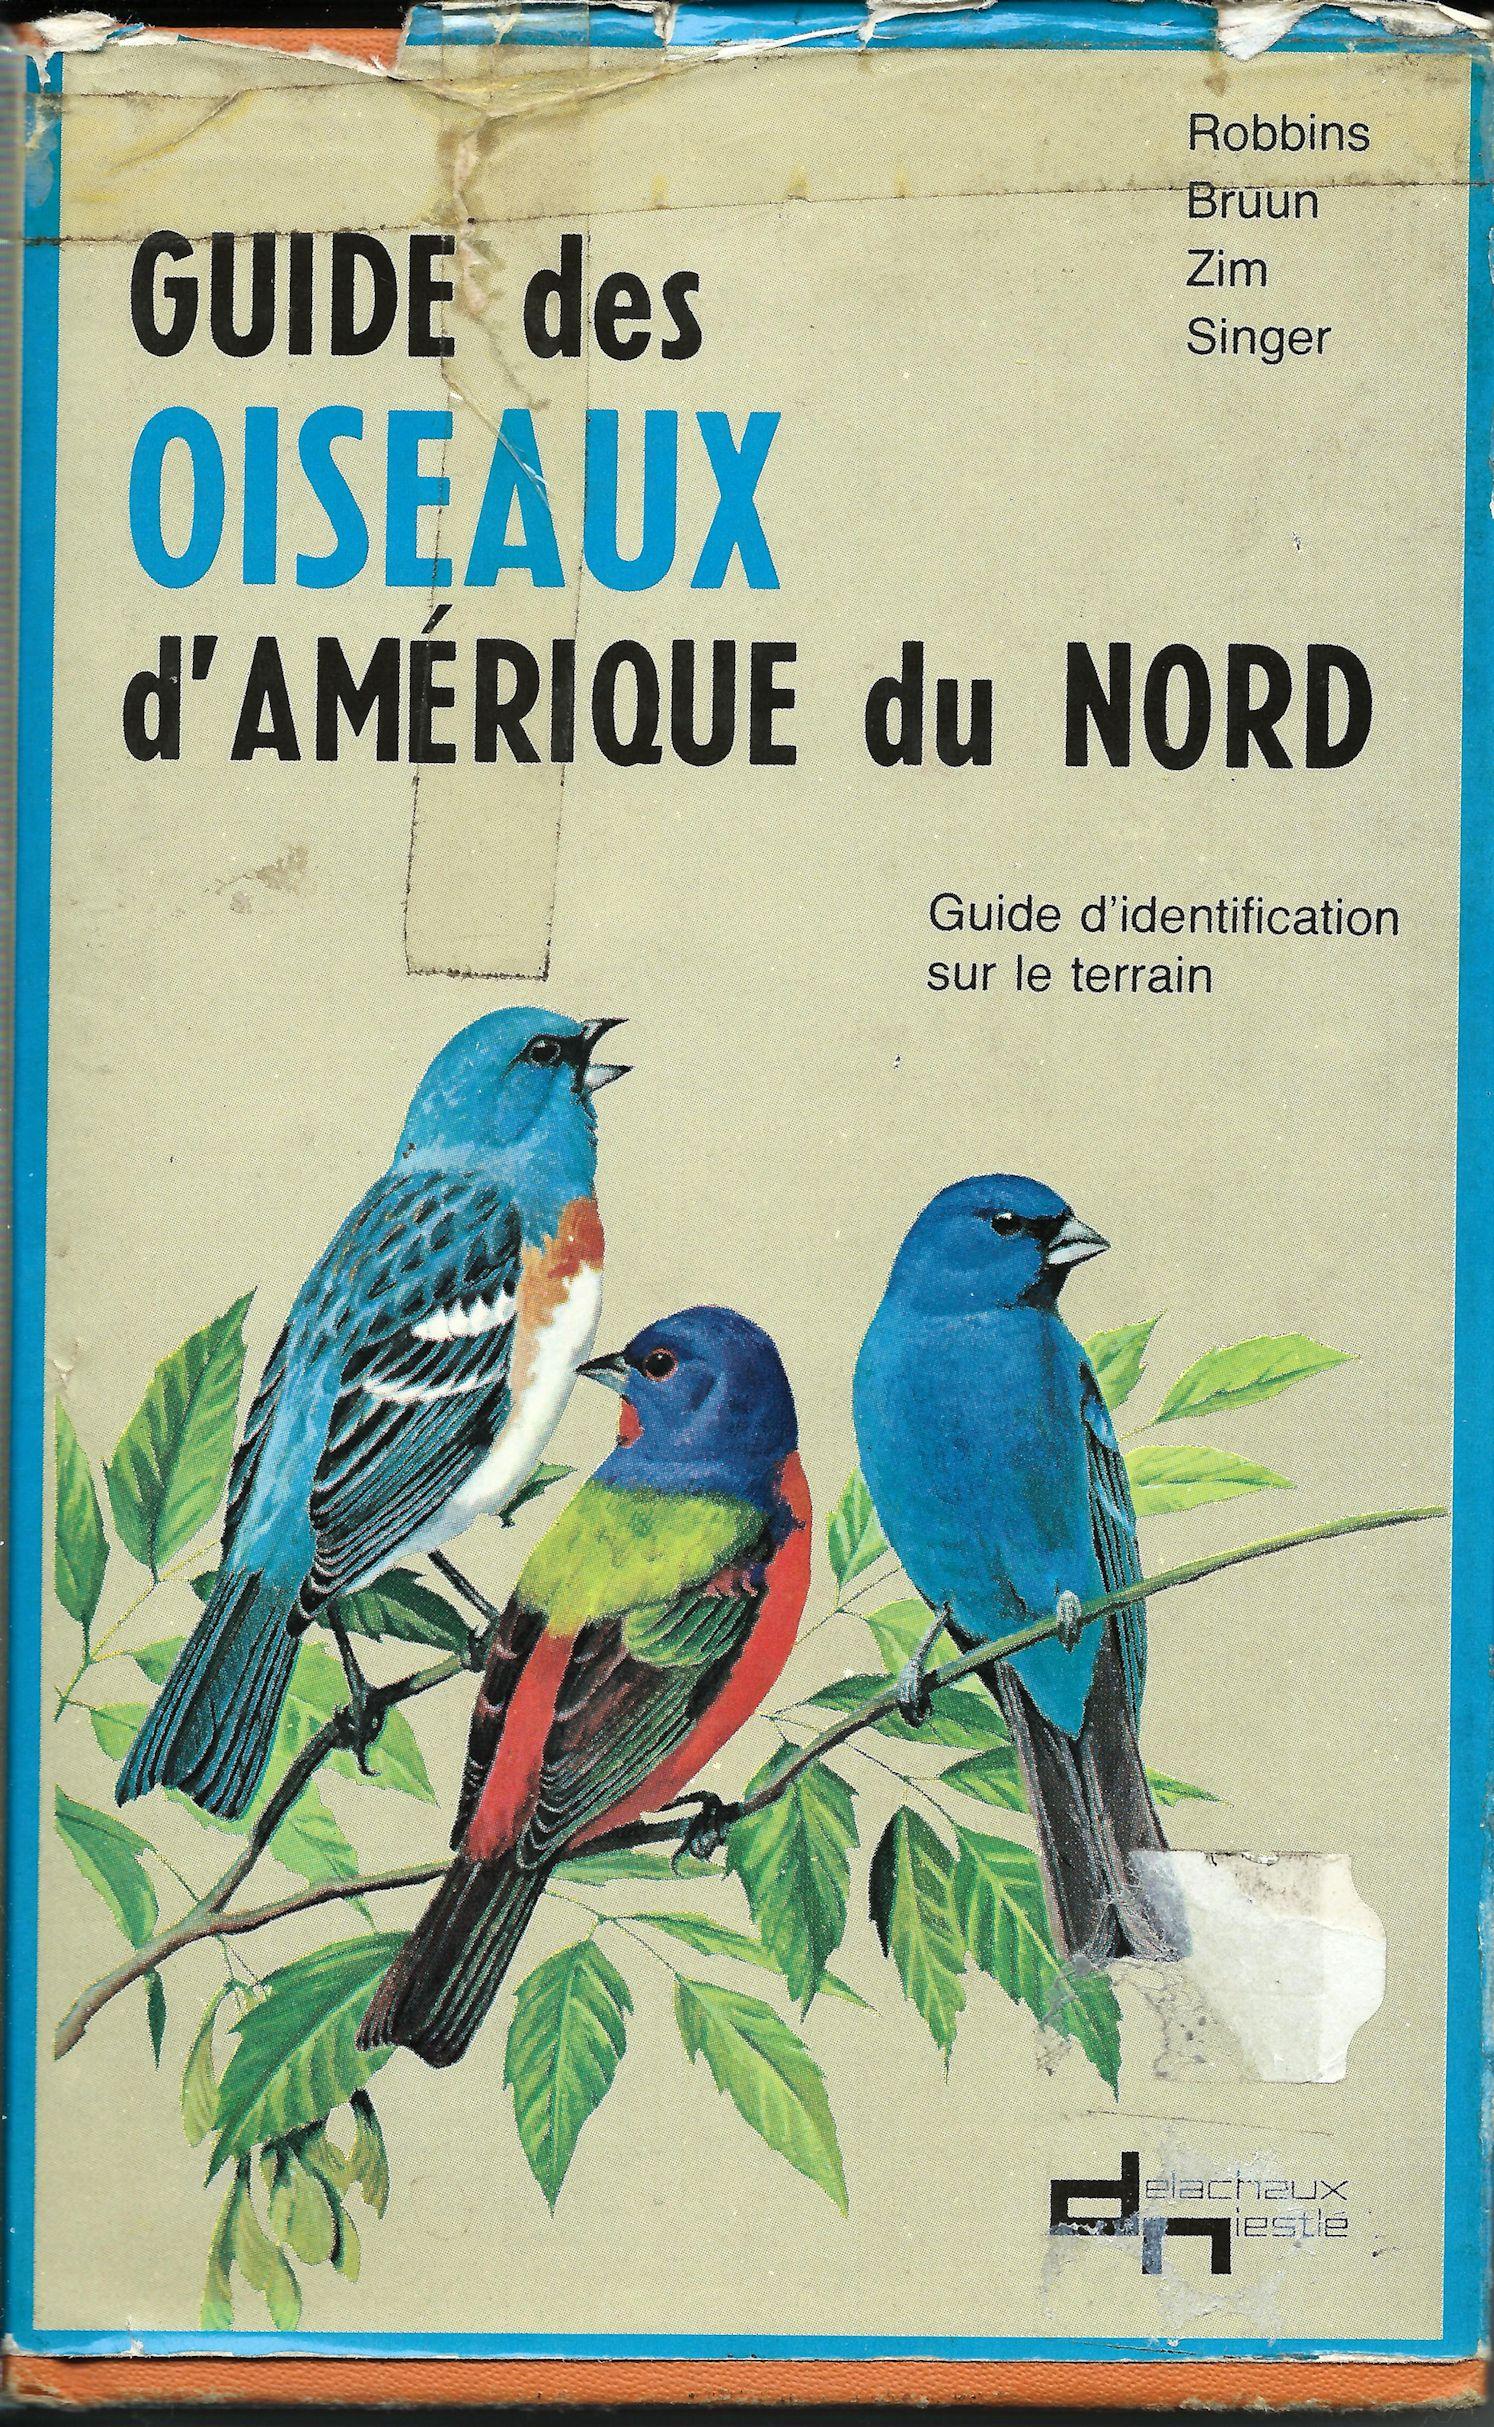 Guide des oiseaux d'Amérique du nord.jpg